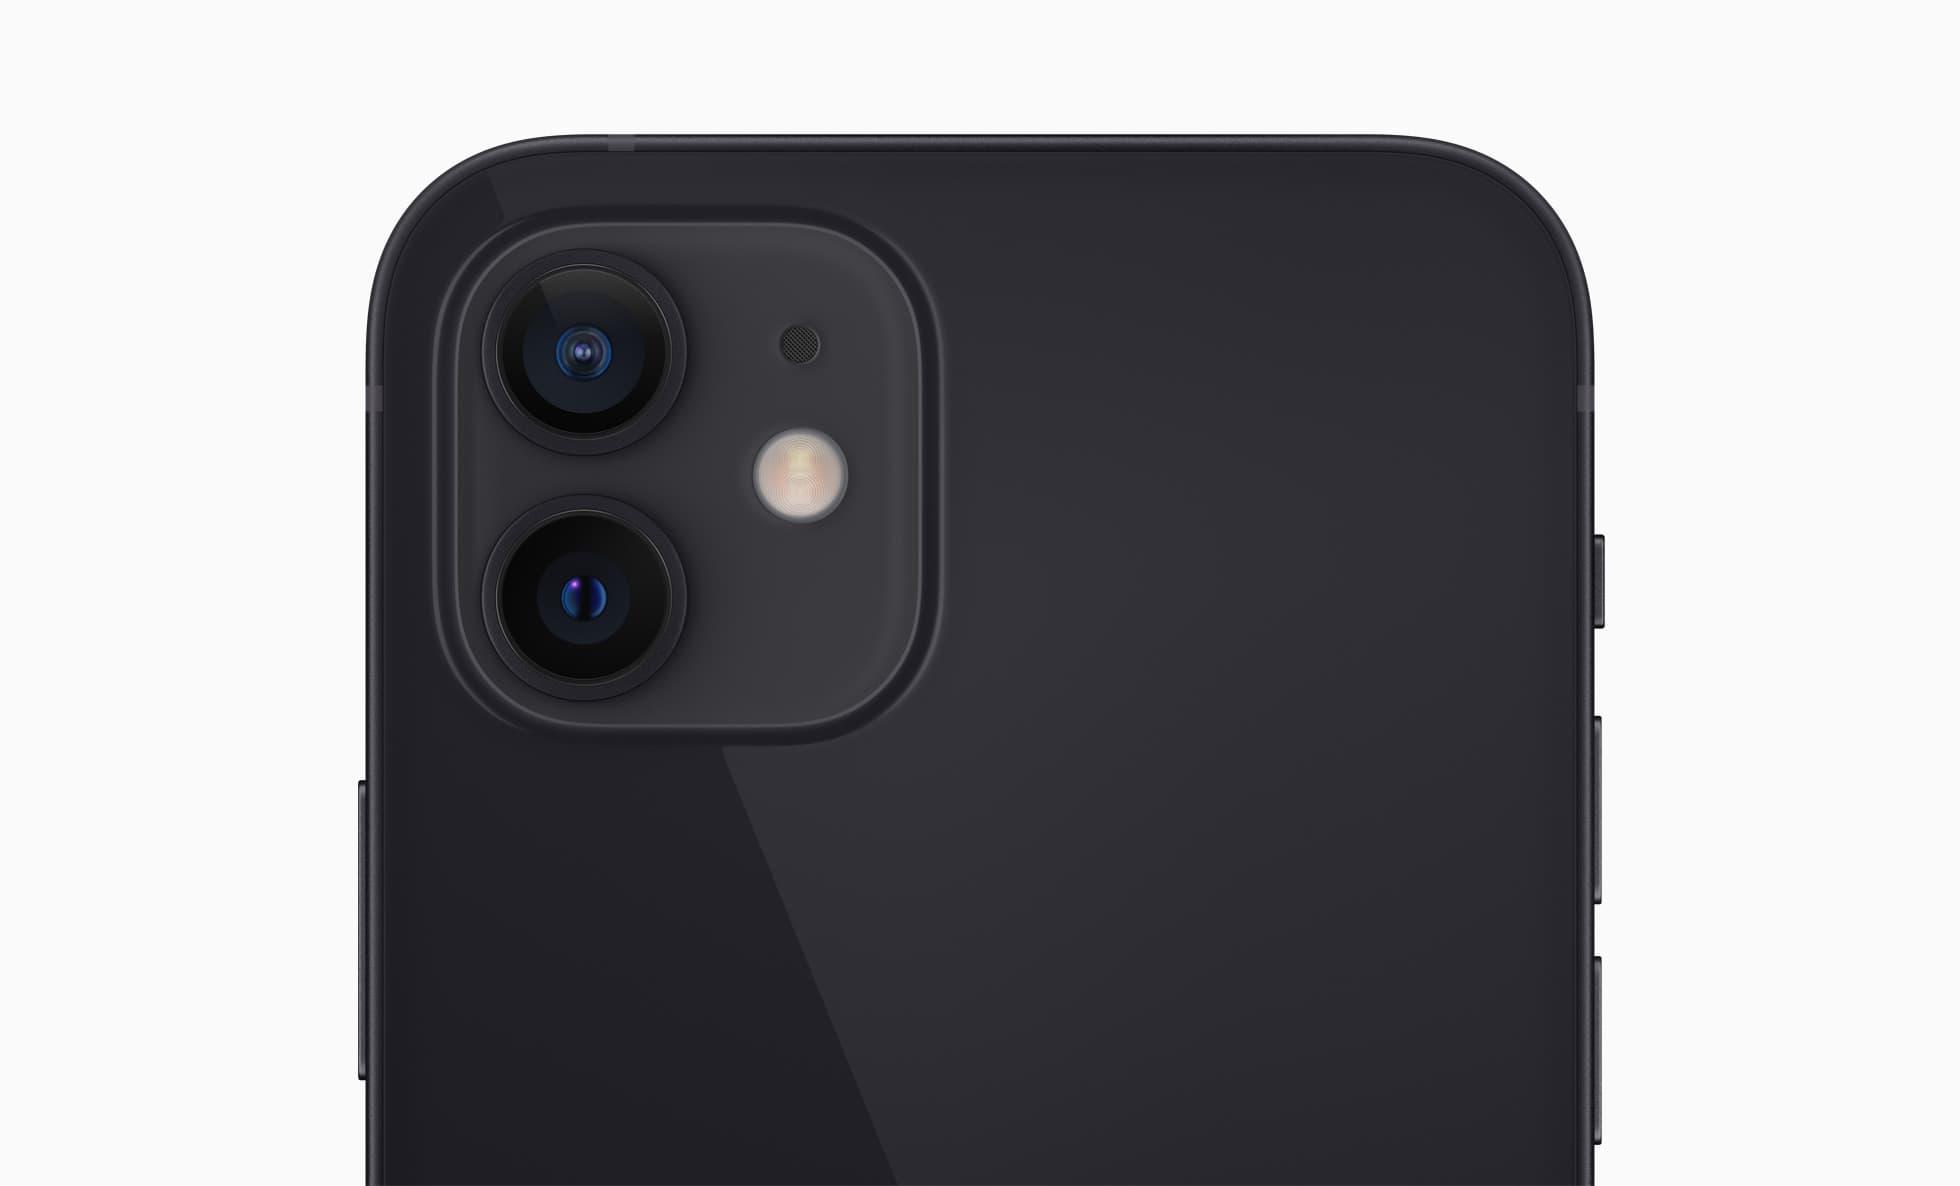 Profitez de l'iPhone 12 à partir de 259 € chez SFR